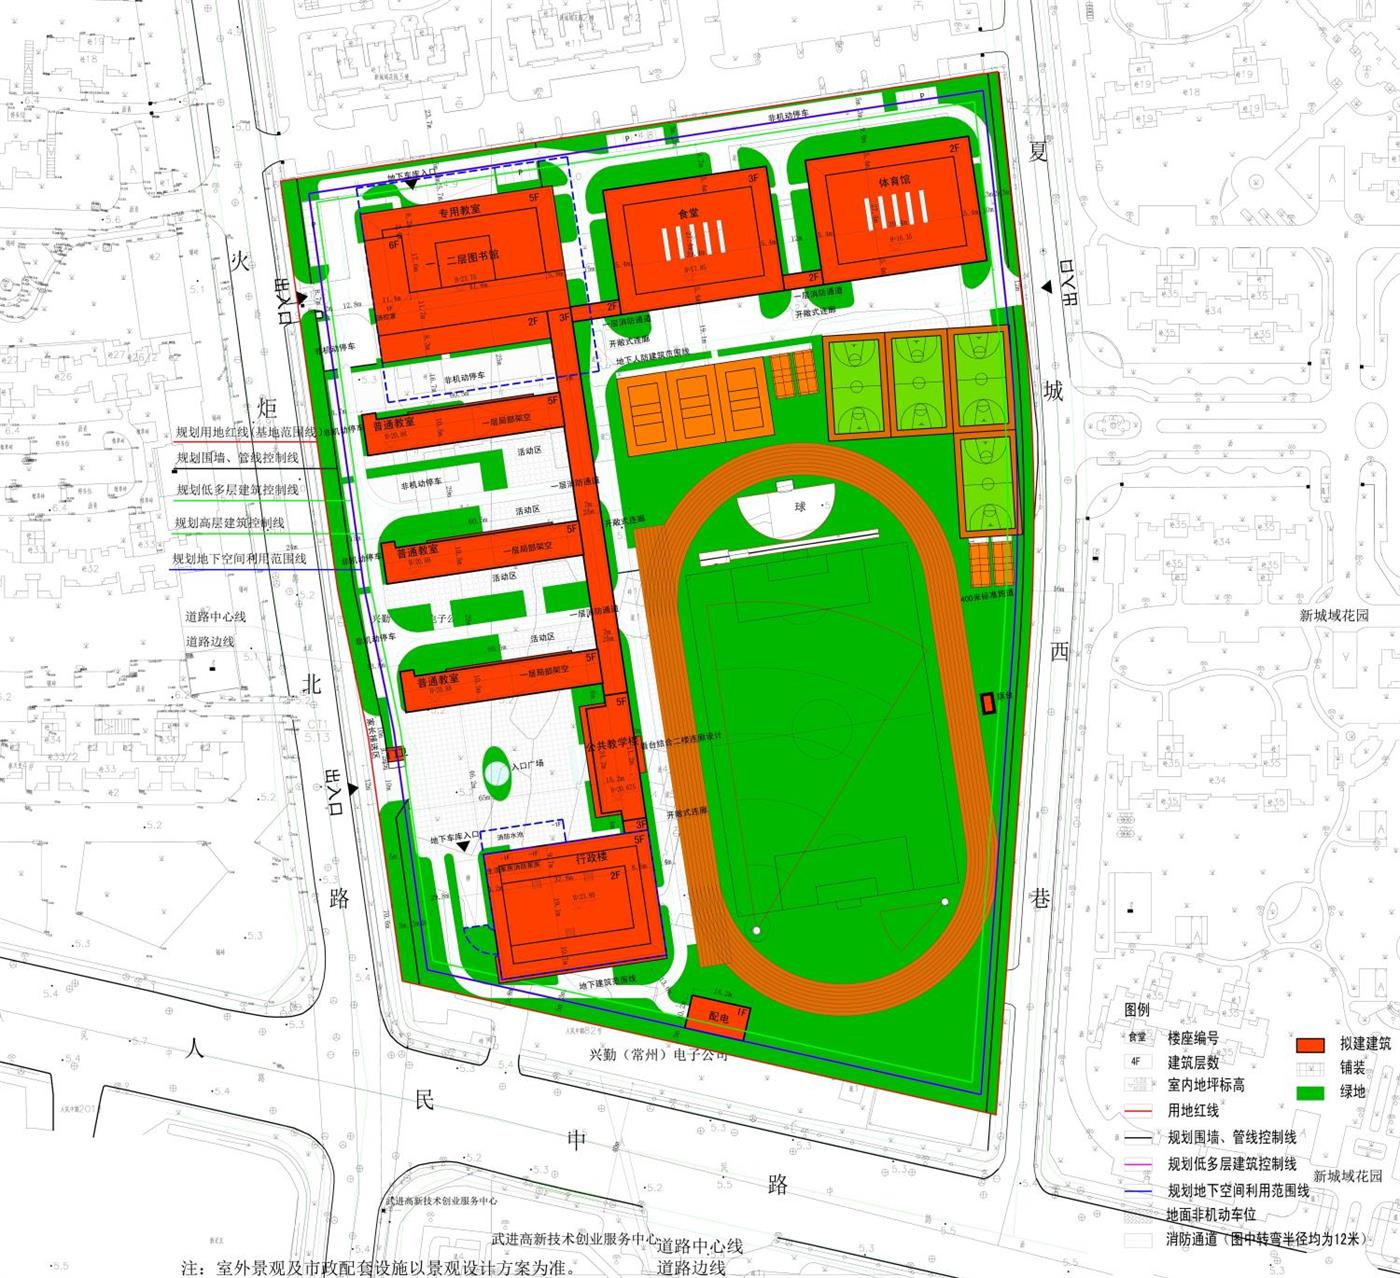 省前中附属人民路初级中学规划图出炉!预计2017年开始招生